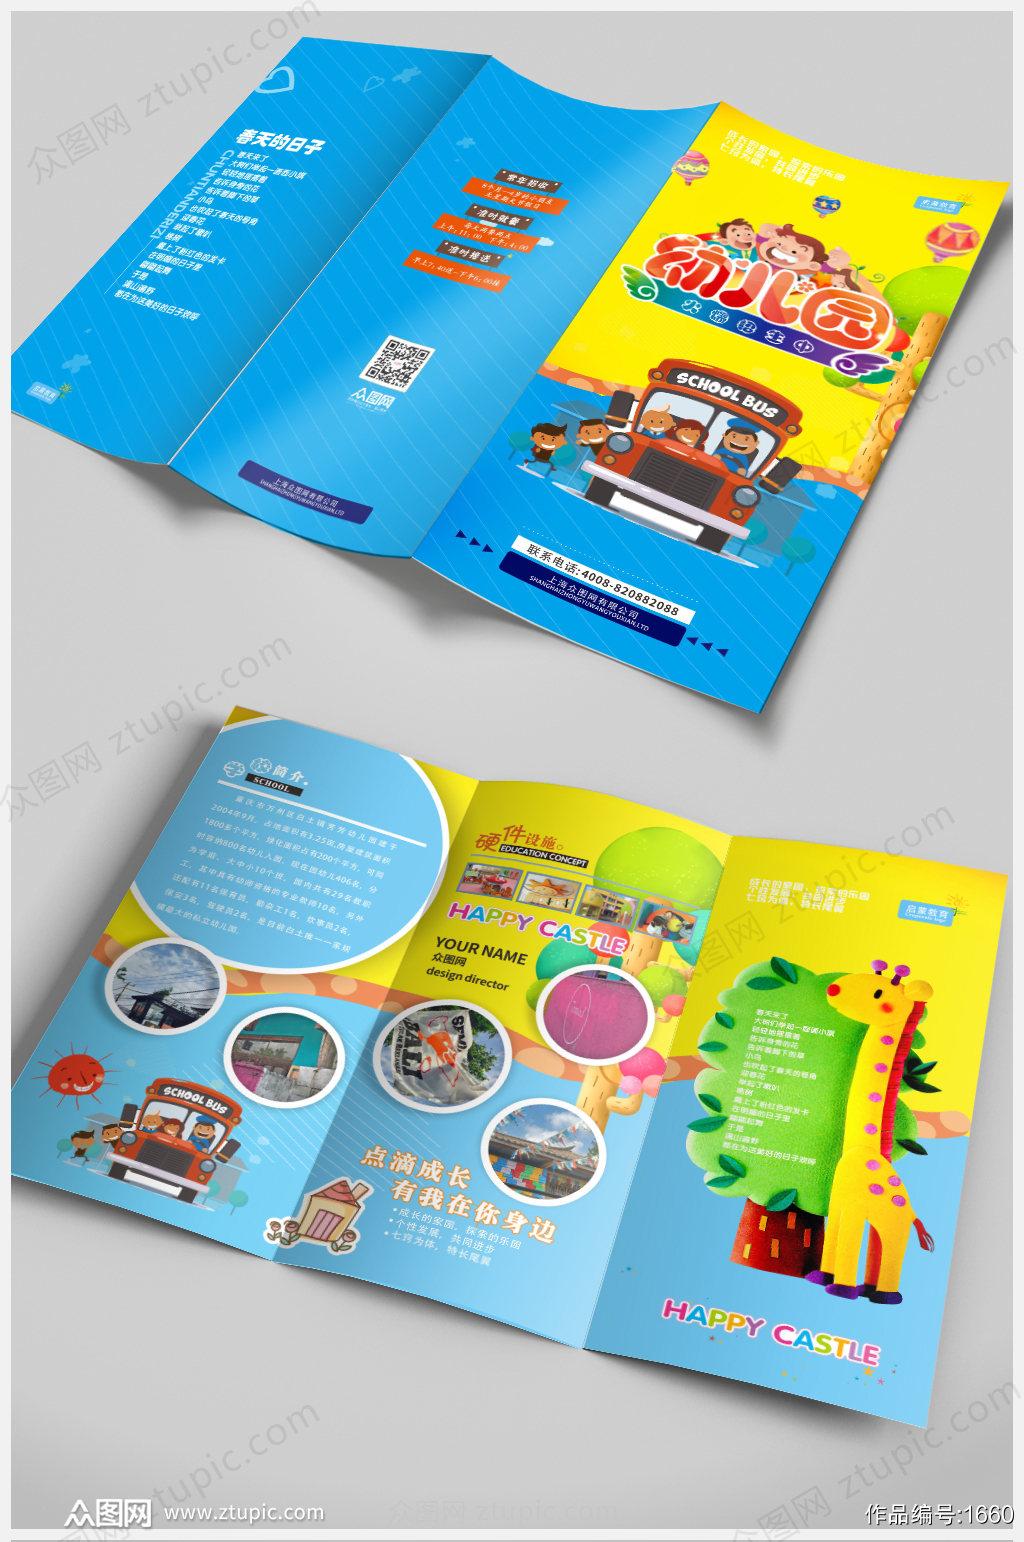 幼儿园早教幼儿启蒙教育卡通彩色三折页宣传单素材